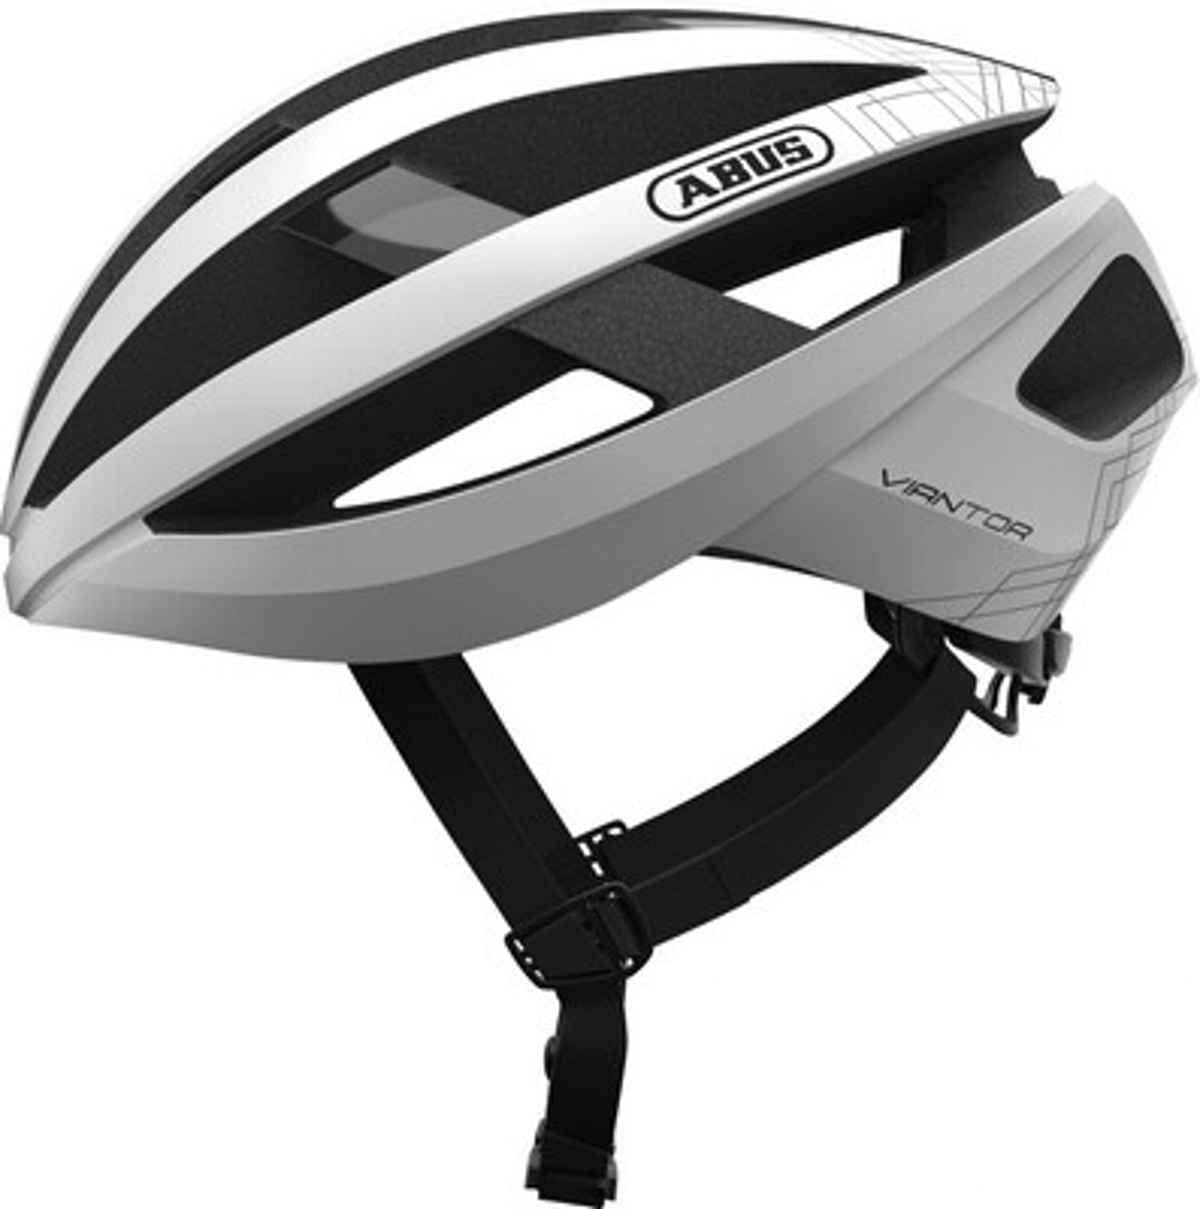 ABUS Viantor - Casco para Bicicleta, S, Blanco Polar: Amazon.es ...